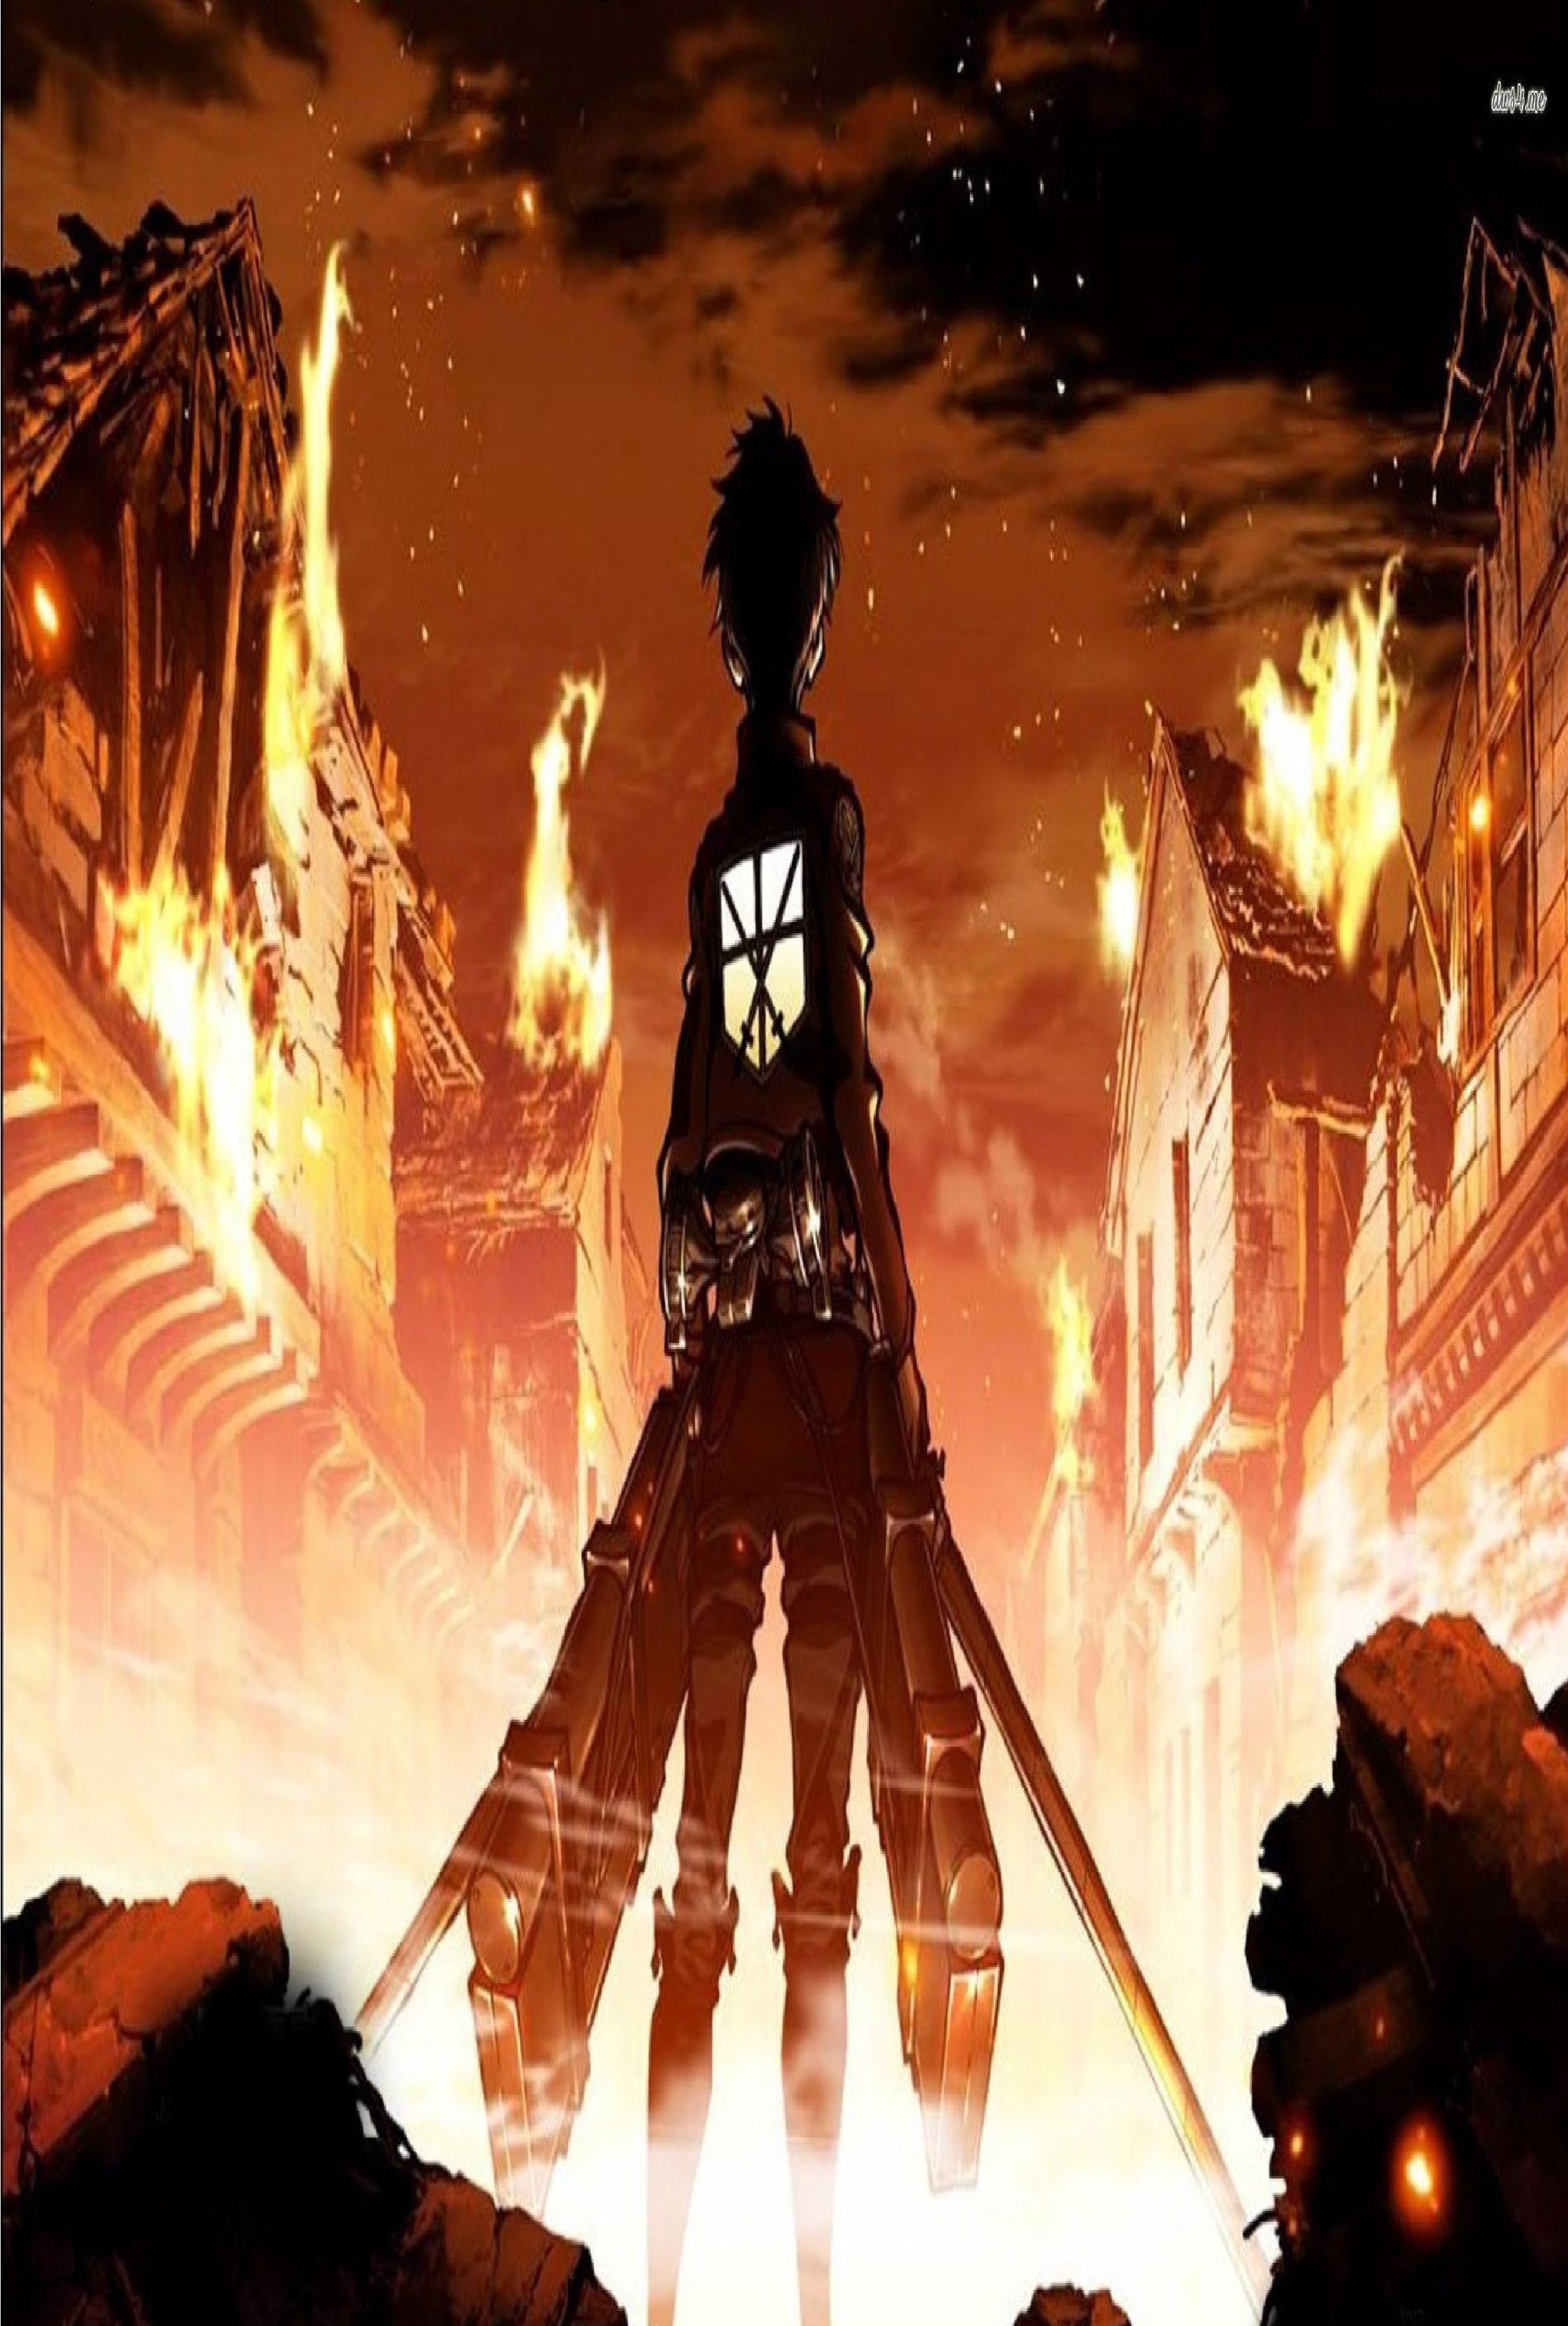 When Will Attack On Titan Season 2 Air On Netflix